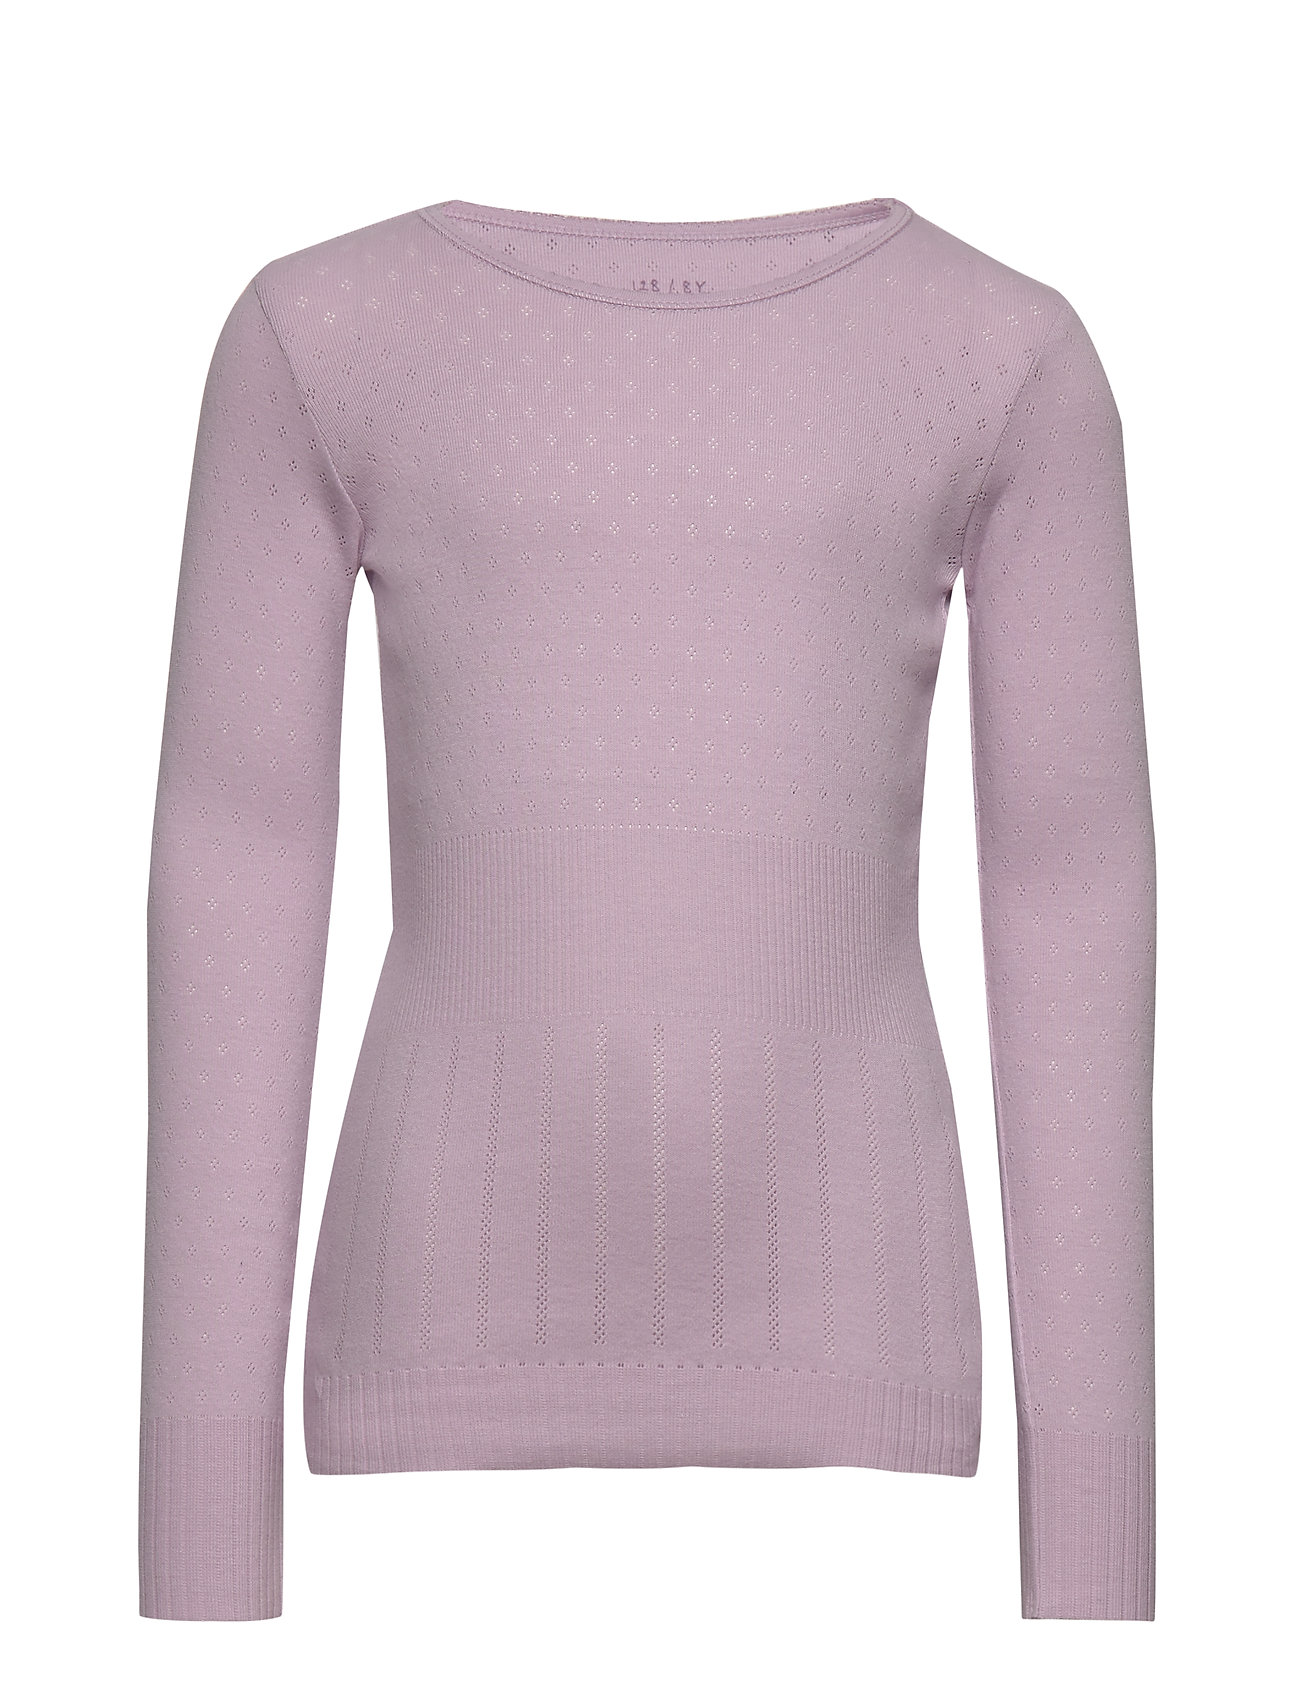 Noa Noa Miniature T-shirt - LAVENDER FROST